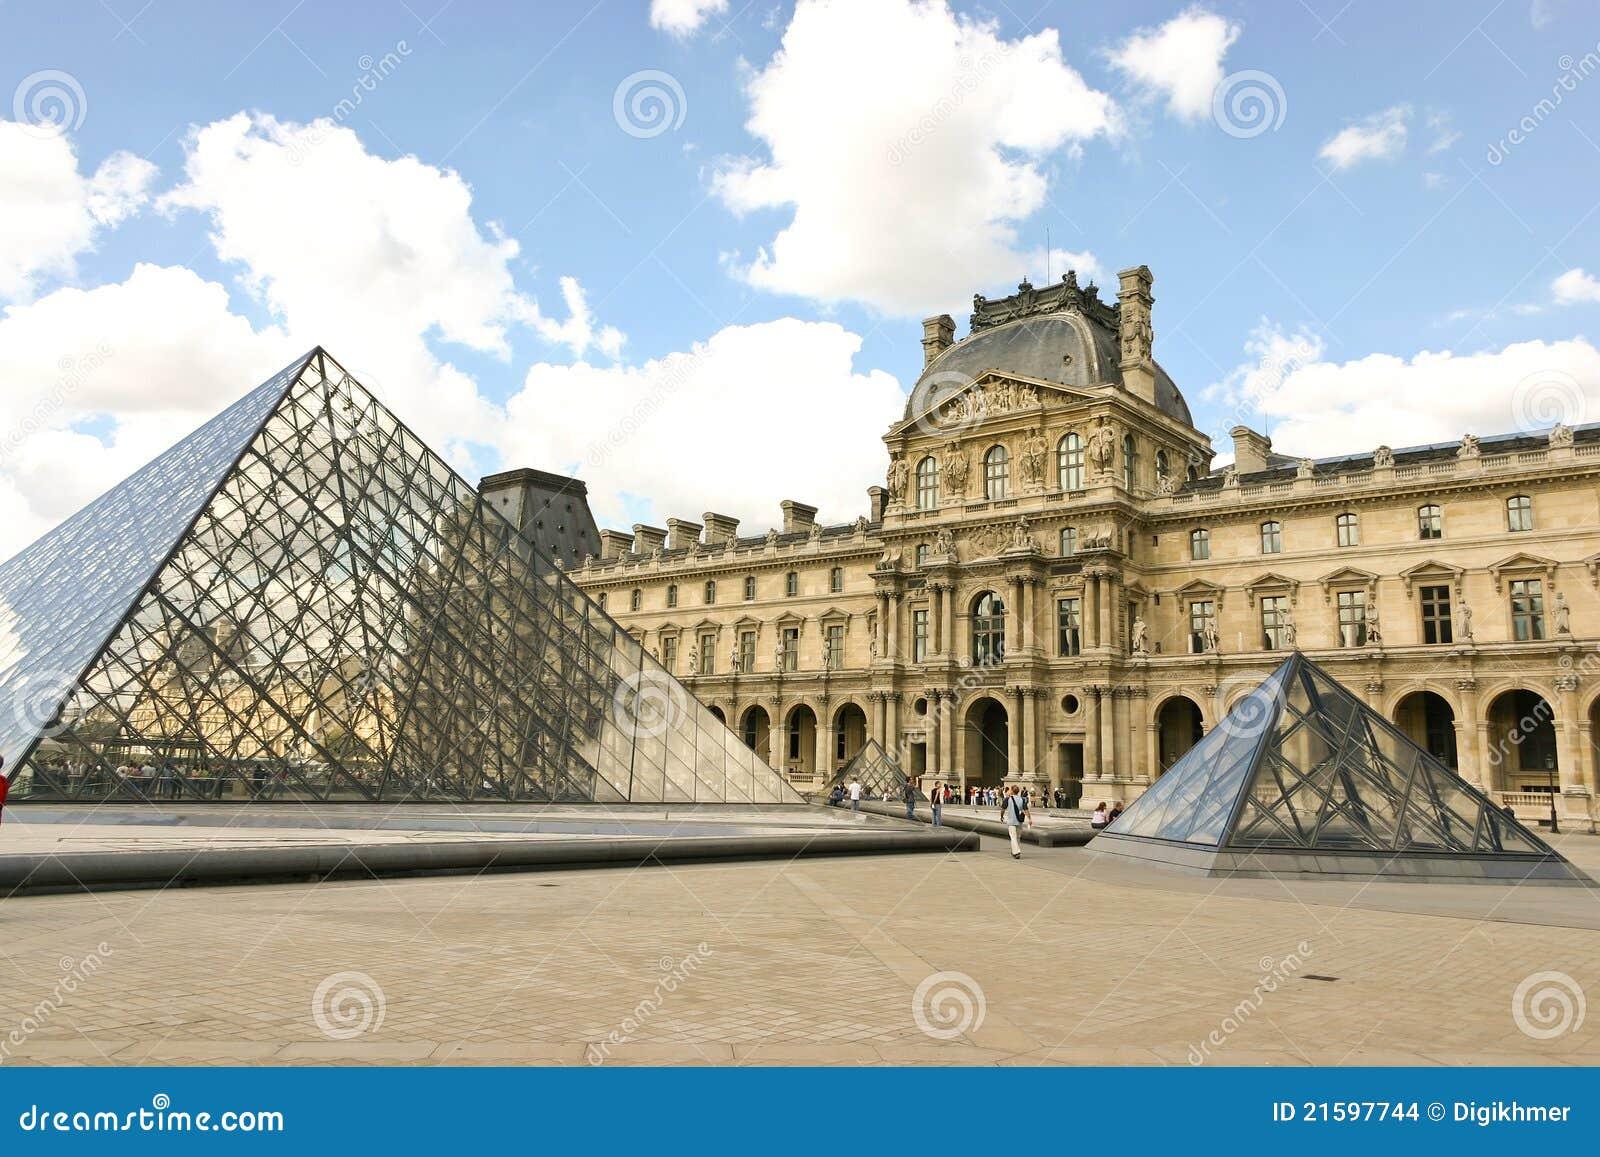 Museo de la lumbrera y la pirámide